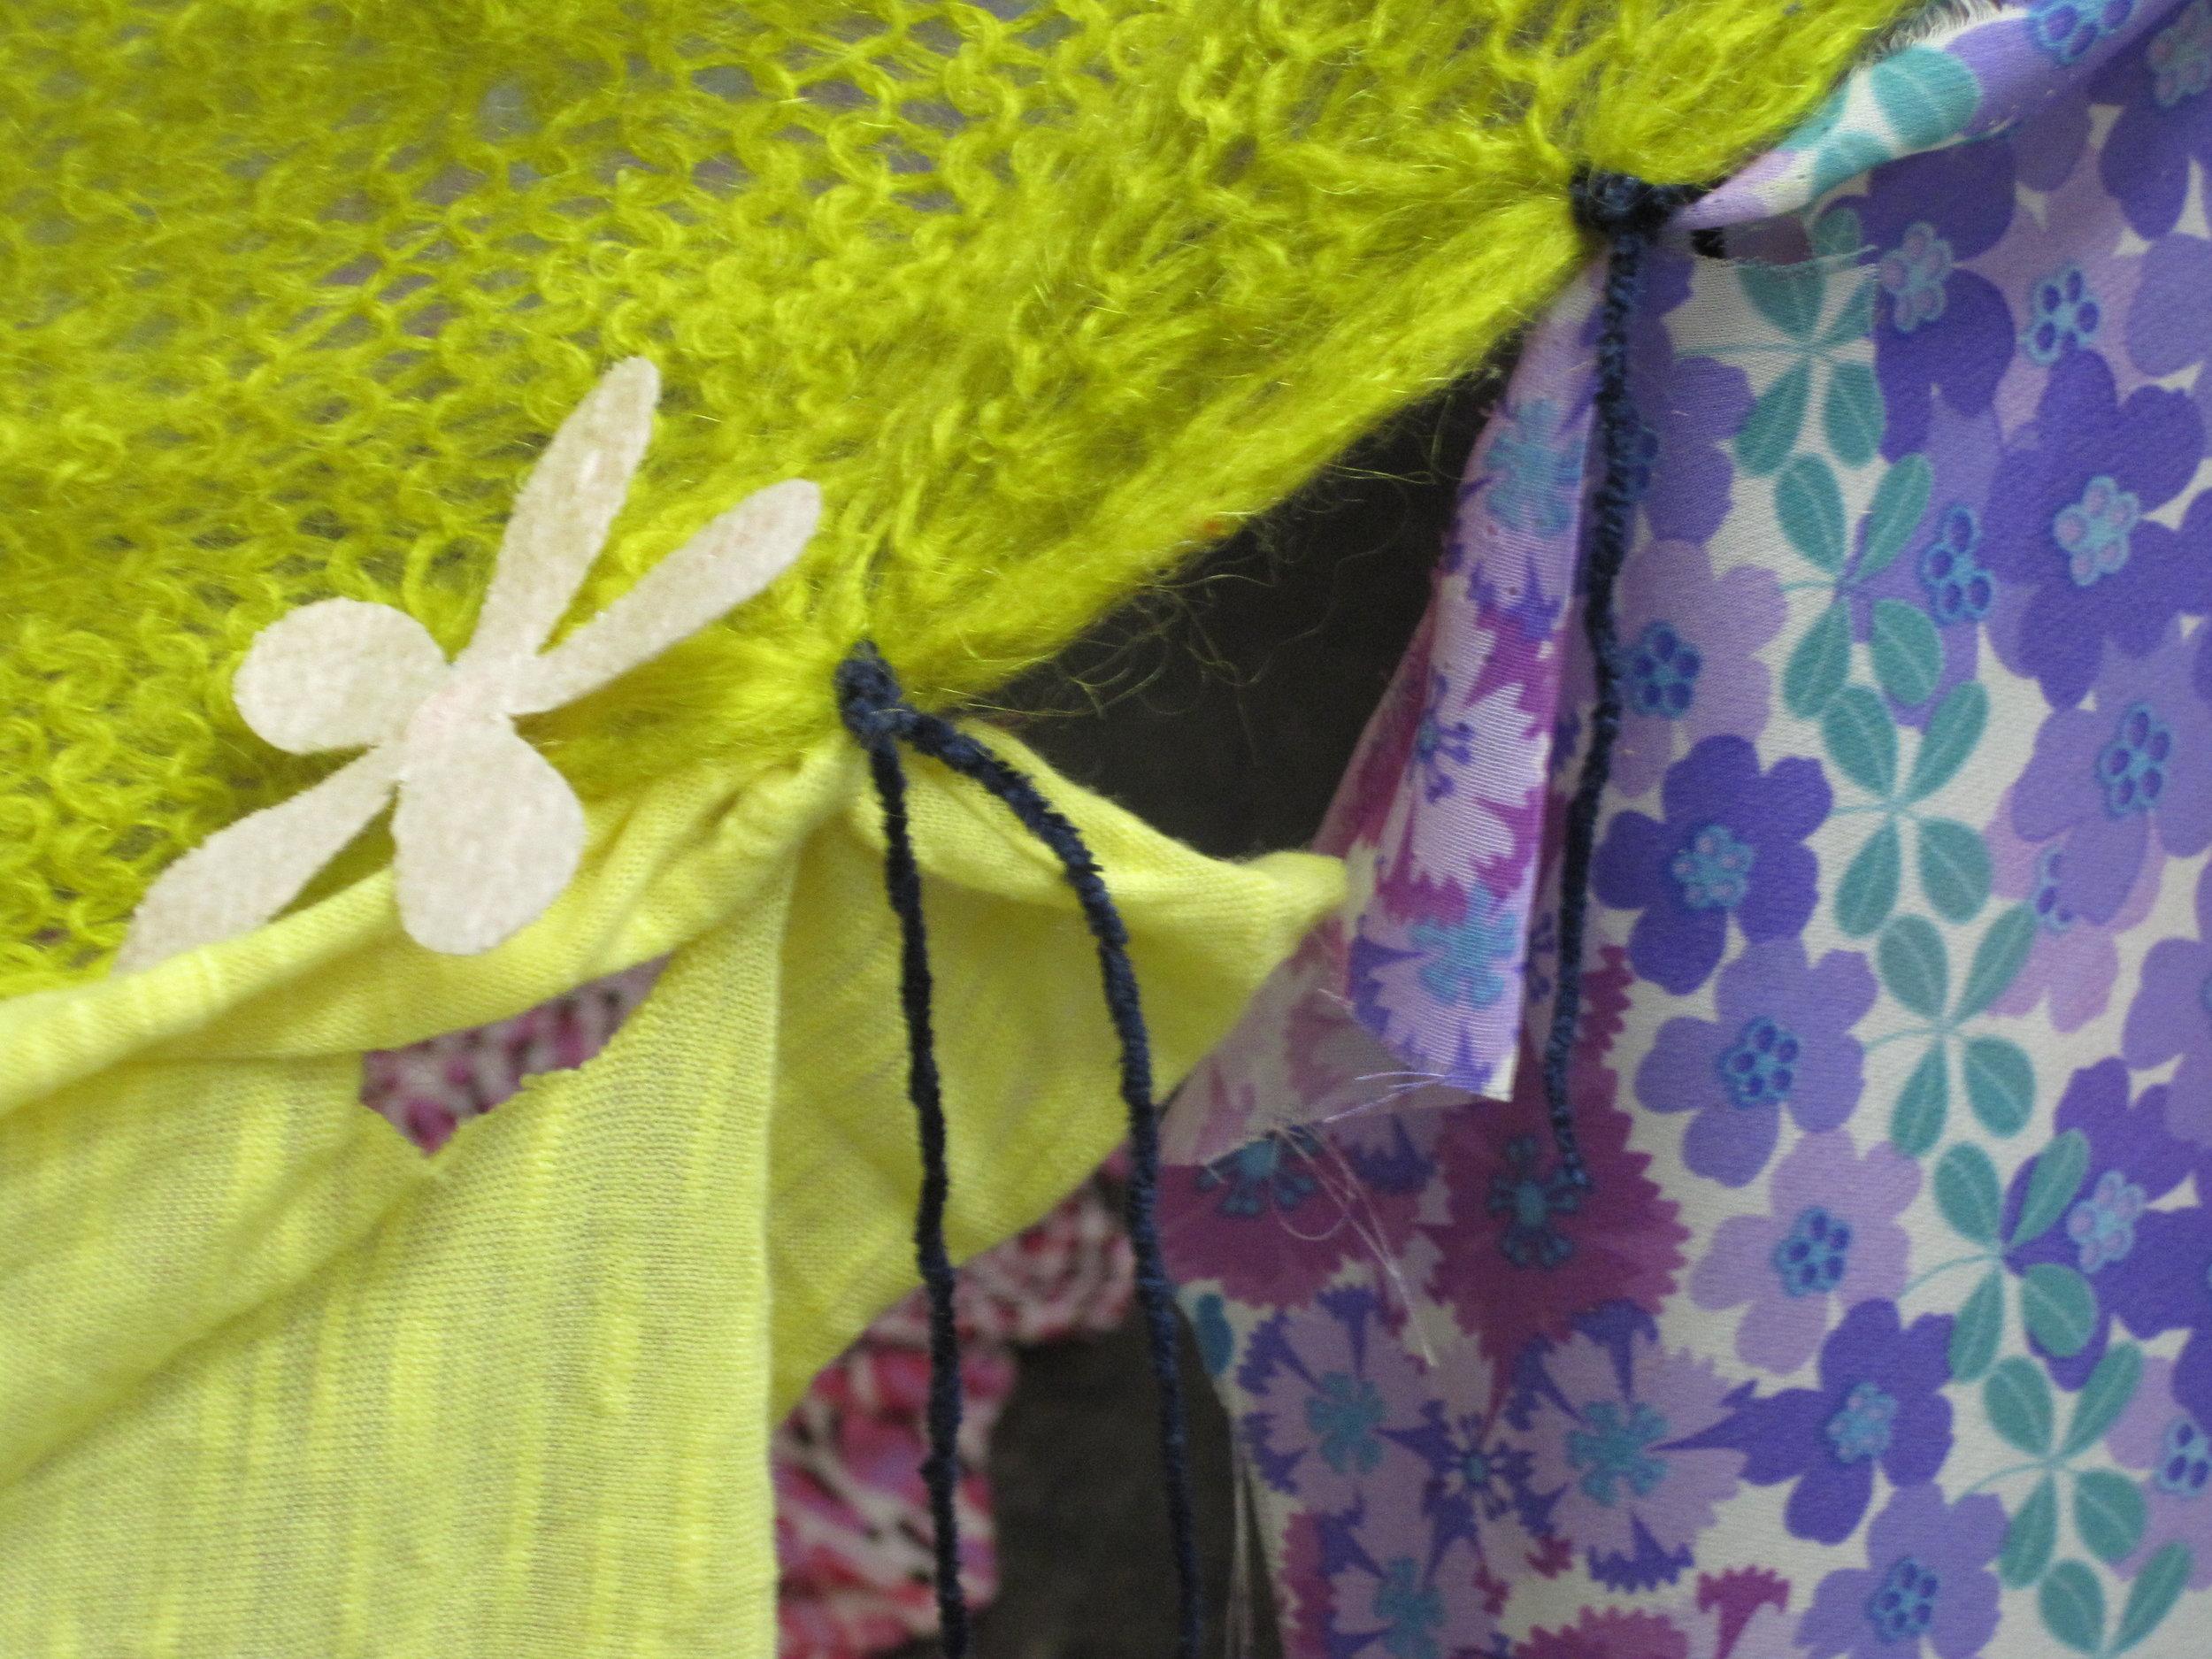 knittingmarathon10_4315201562_o.jpg